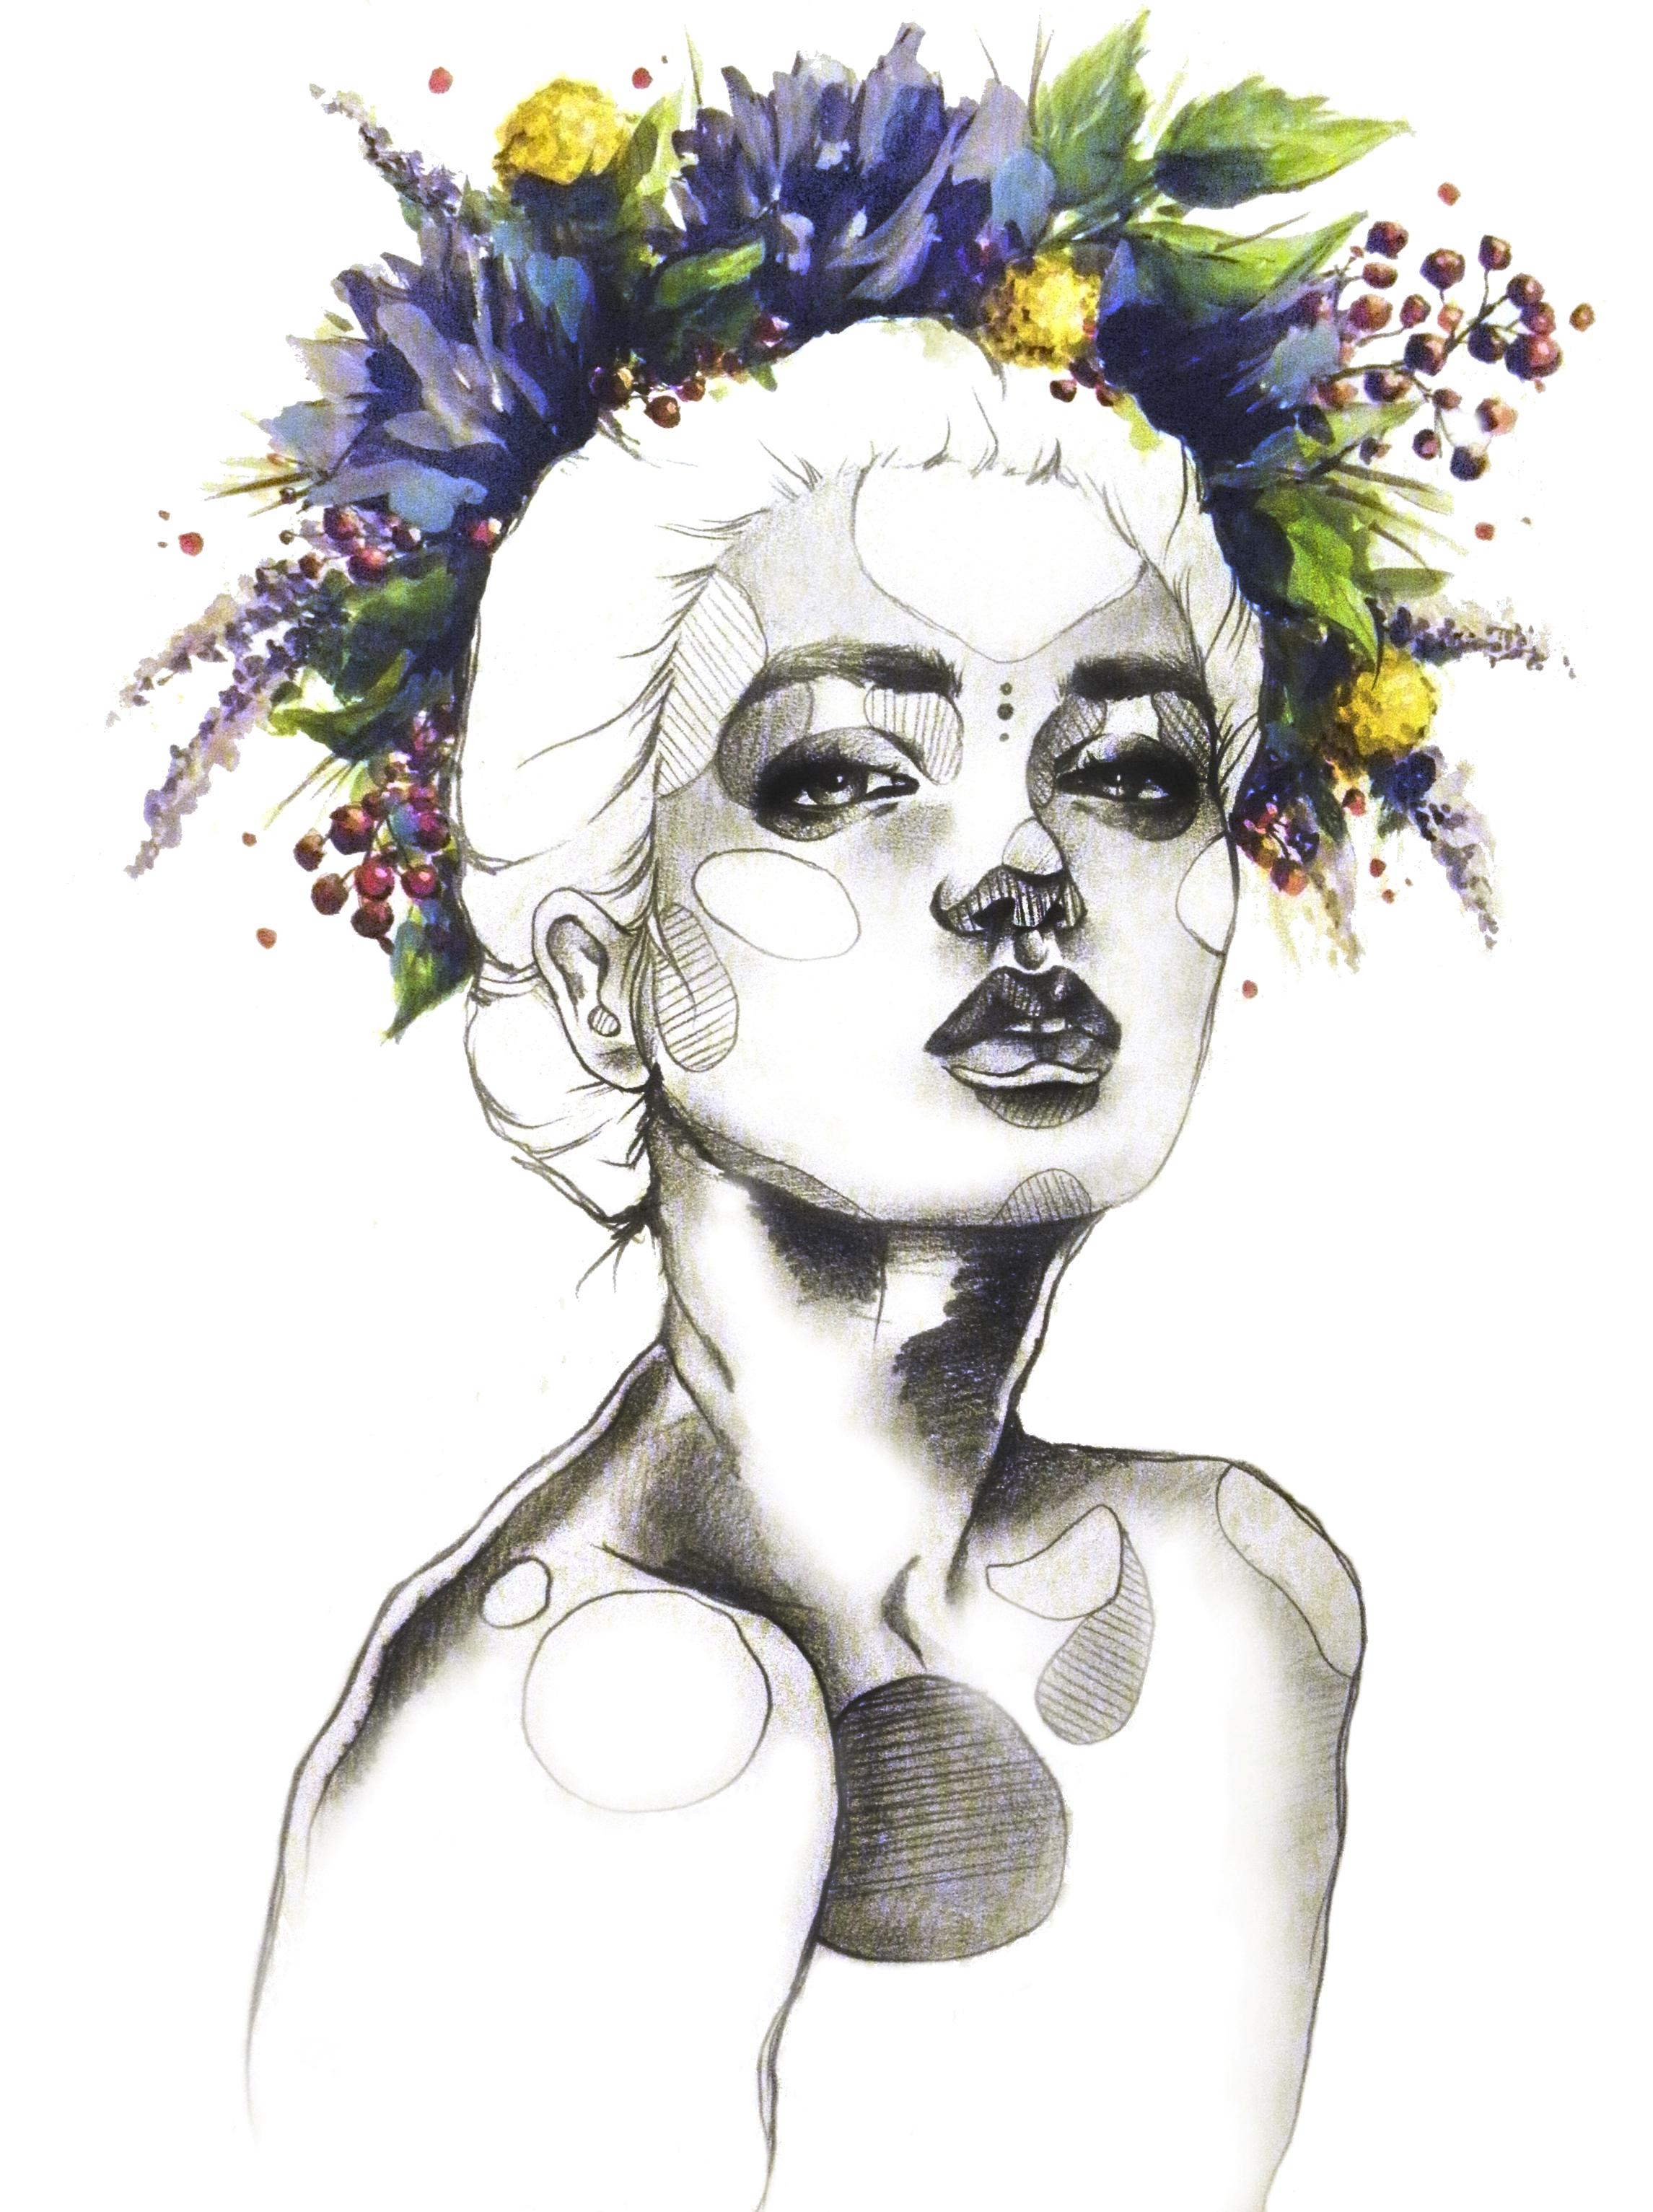 Drawn woman floral crown #11